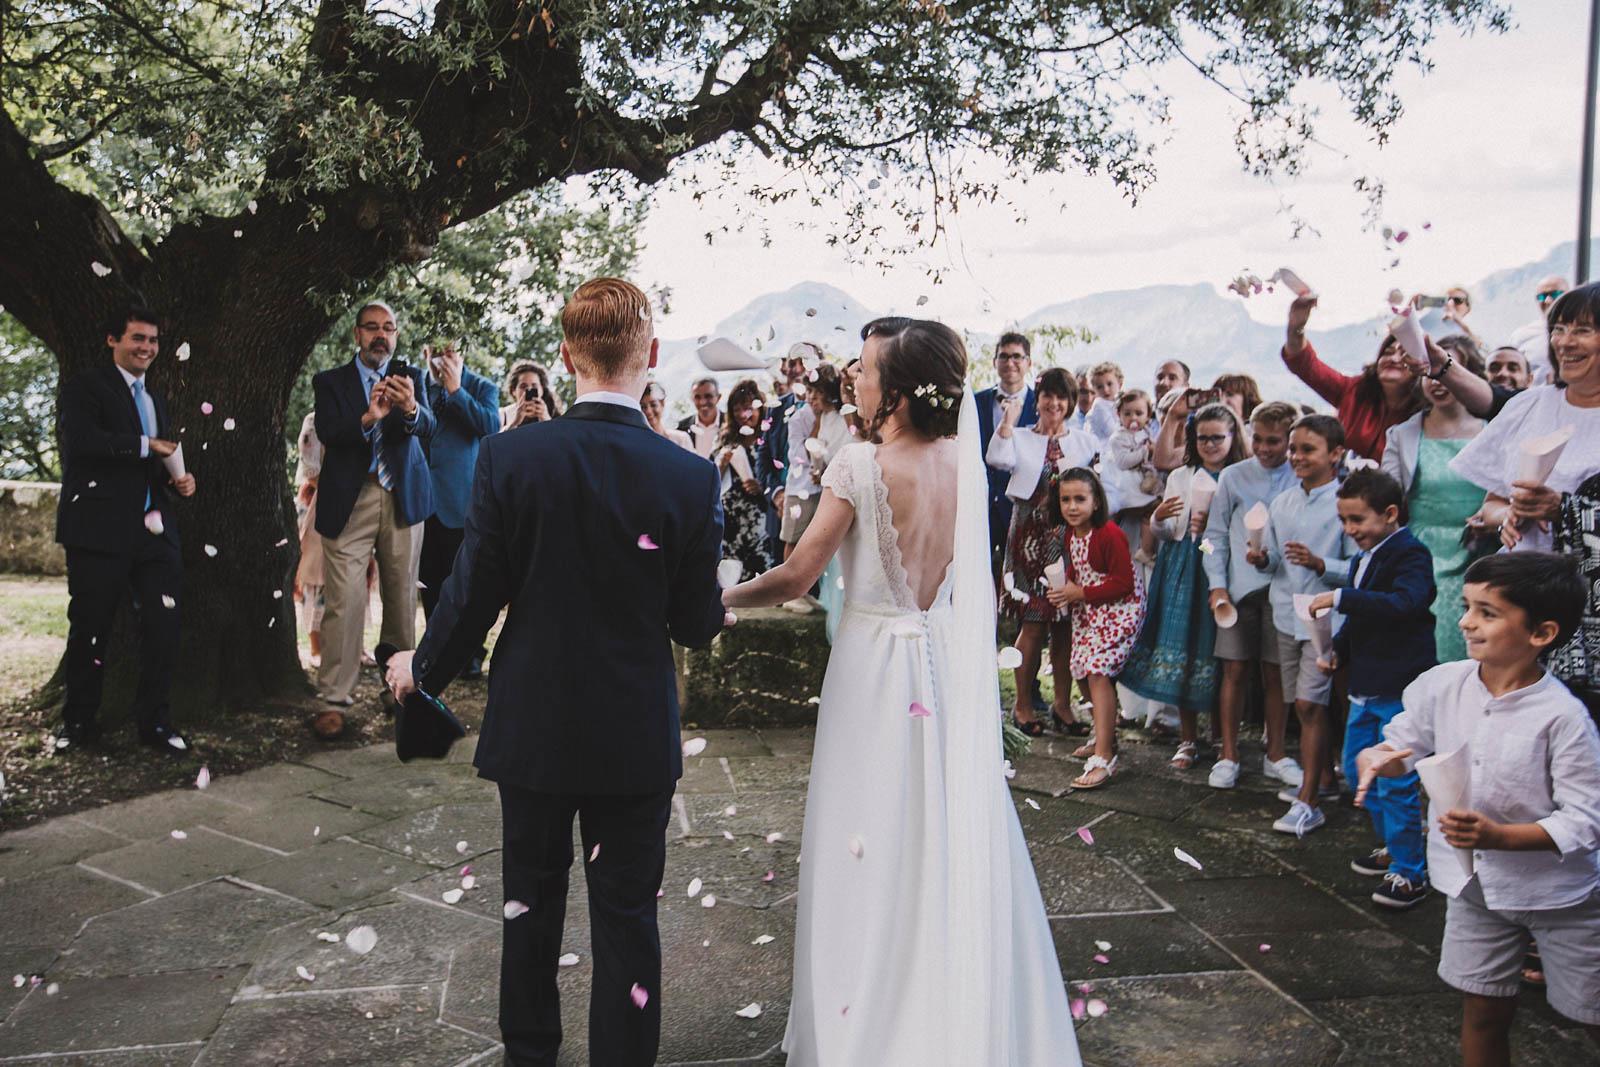 Lluvia de pétalos, San Miguel de Garai. Boda organizada por Conmemora Wedding Planner